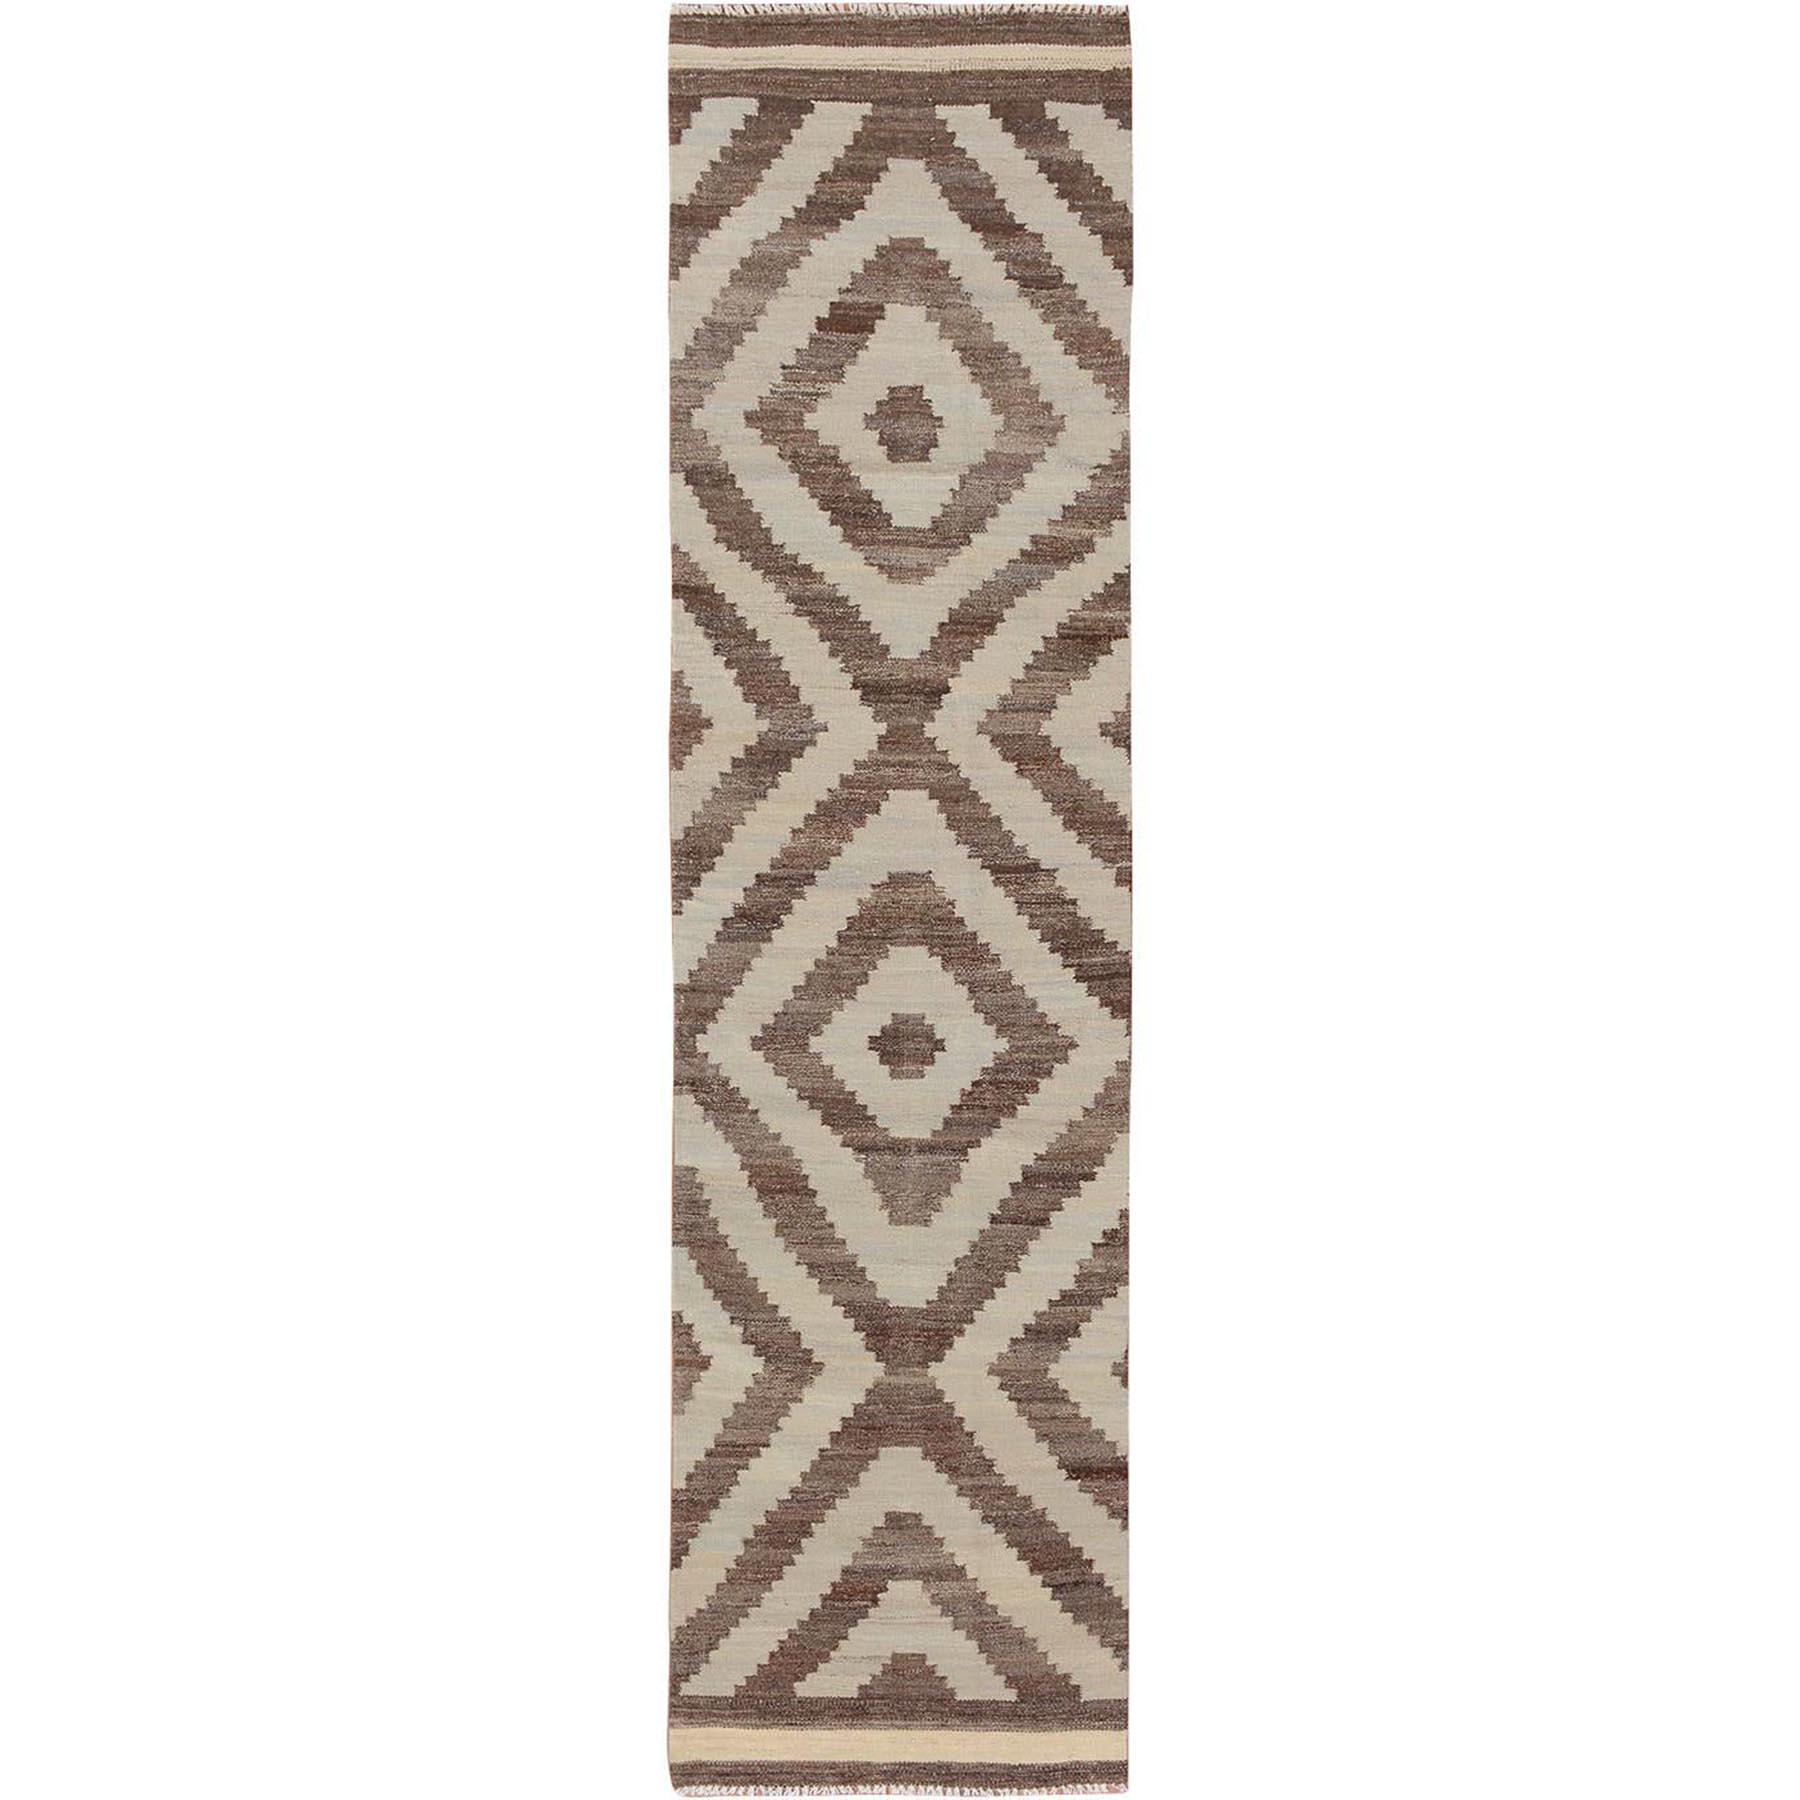 """2'3""""x9'4""""  Reversible Afghan Kilim Flat weave Runner Hand Woven Oriental Rug"""